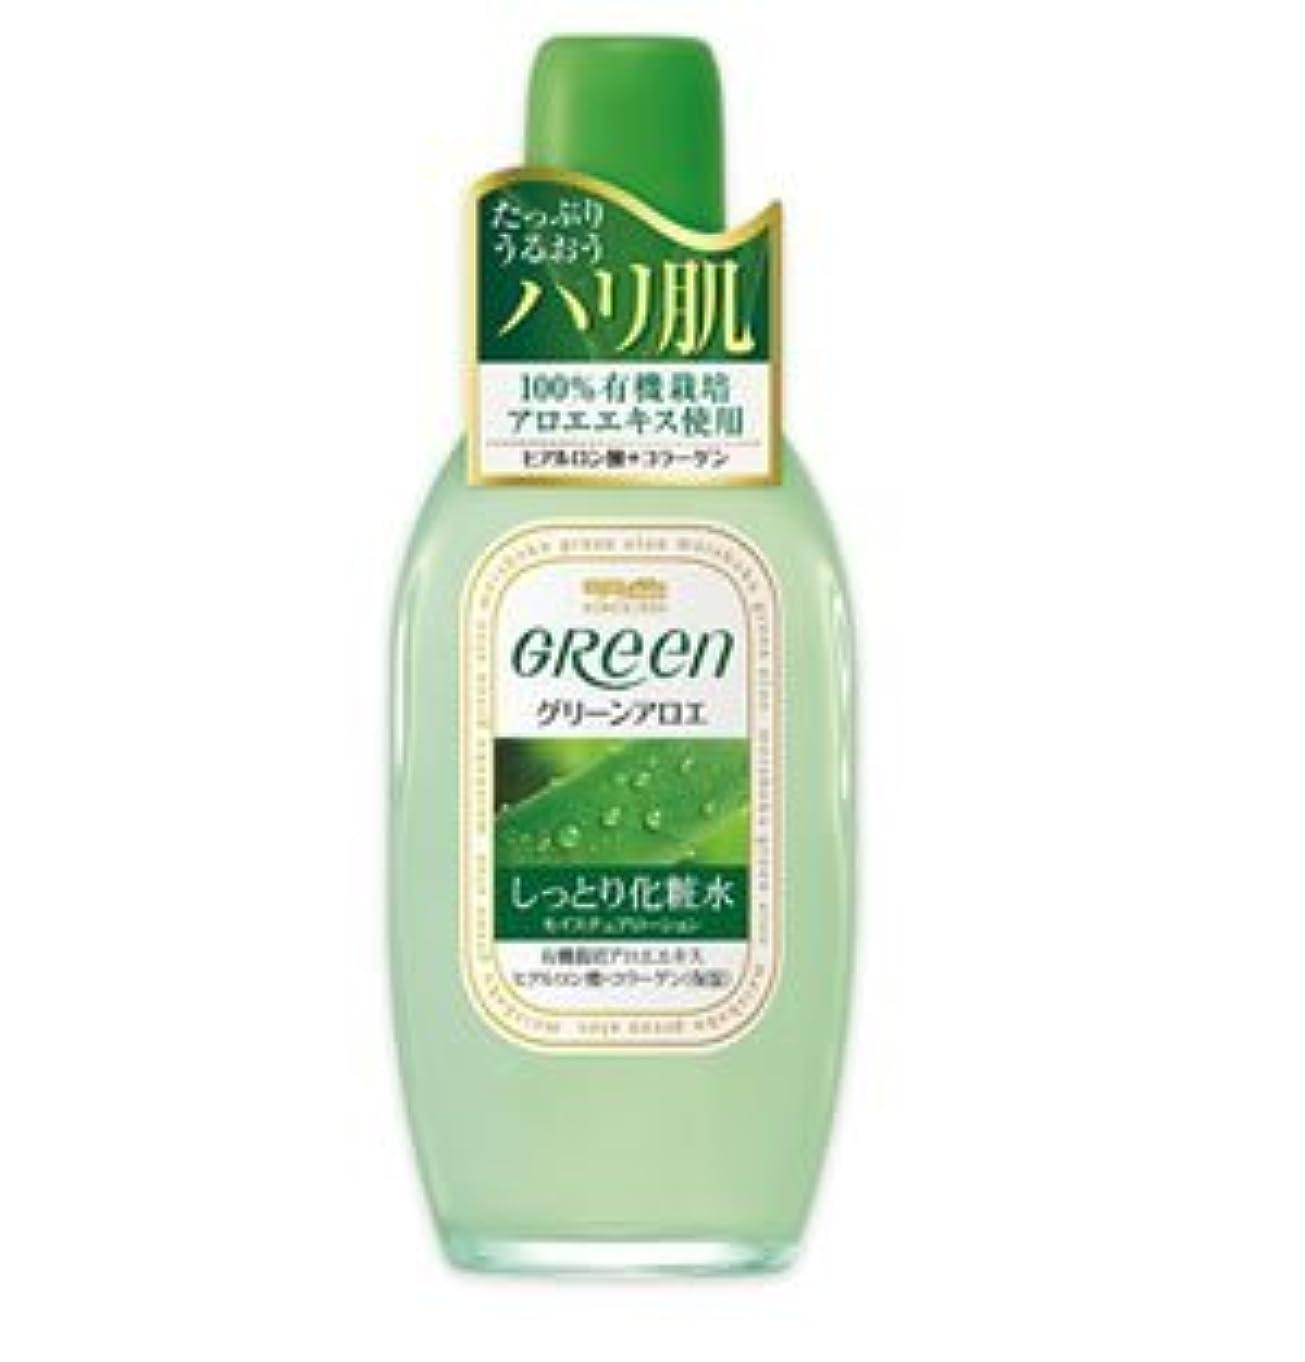 素晴らしさ宴会軽く(明色)グリーン モイスチュアローション 170ml(お買い得3本セット)